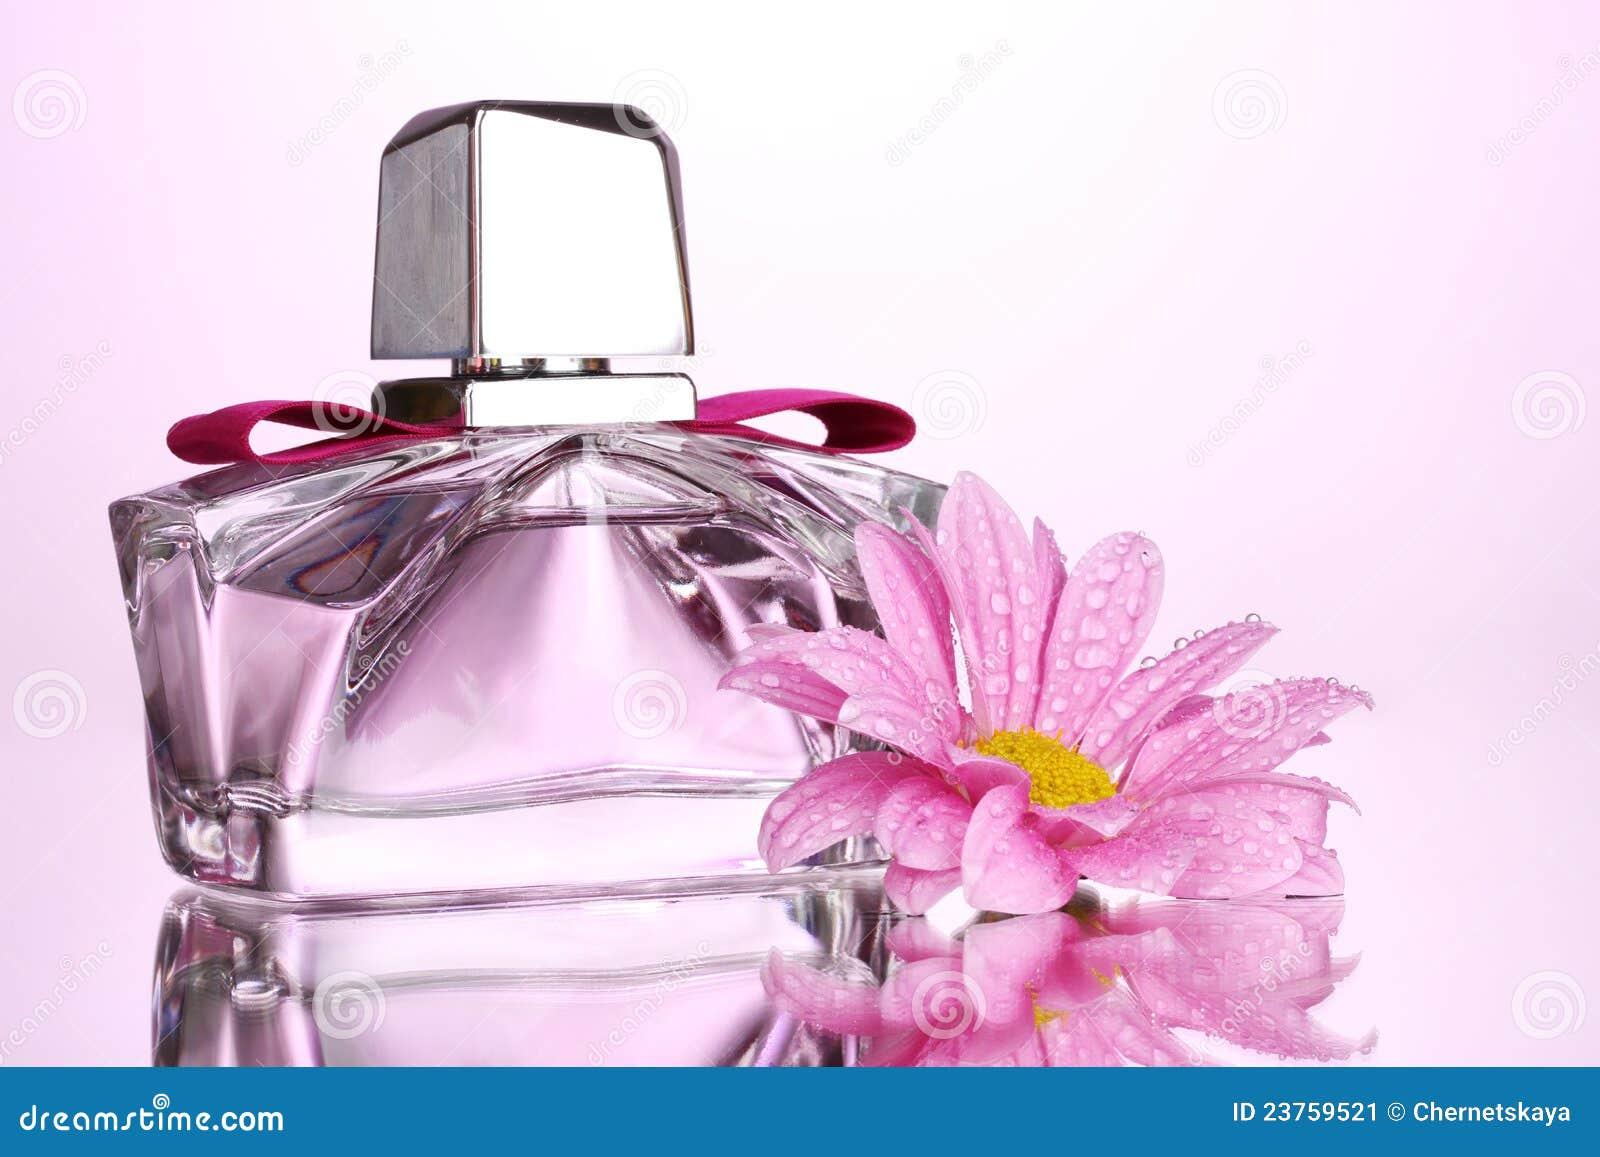 Женская и мужская парфюмерия, духи с феромонами от компании ламбре. нотки вашей привлекательности!.